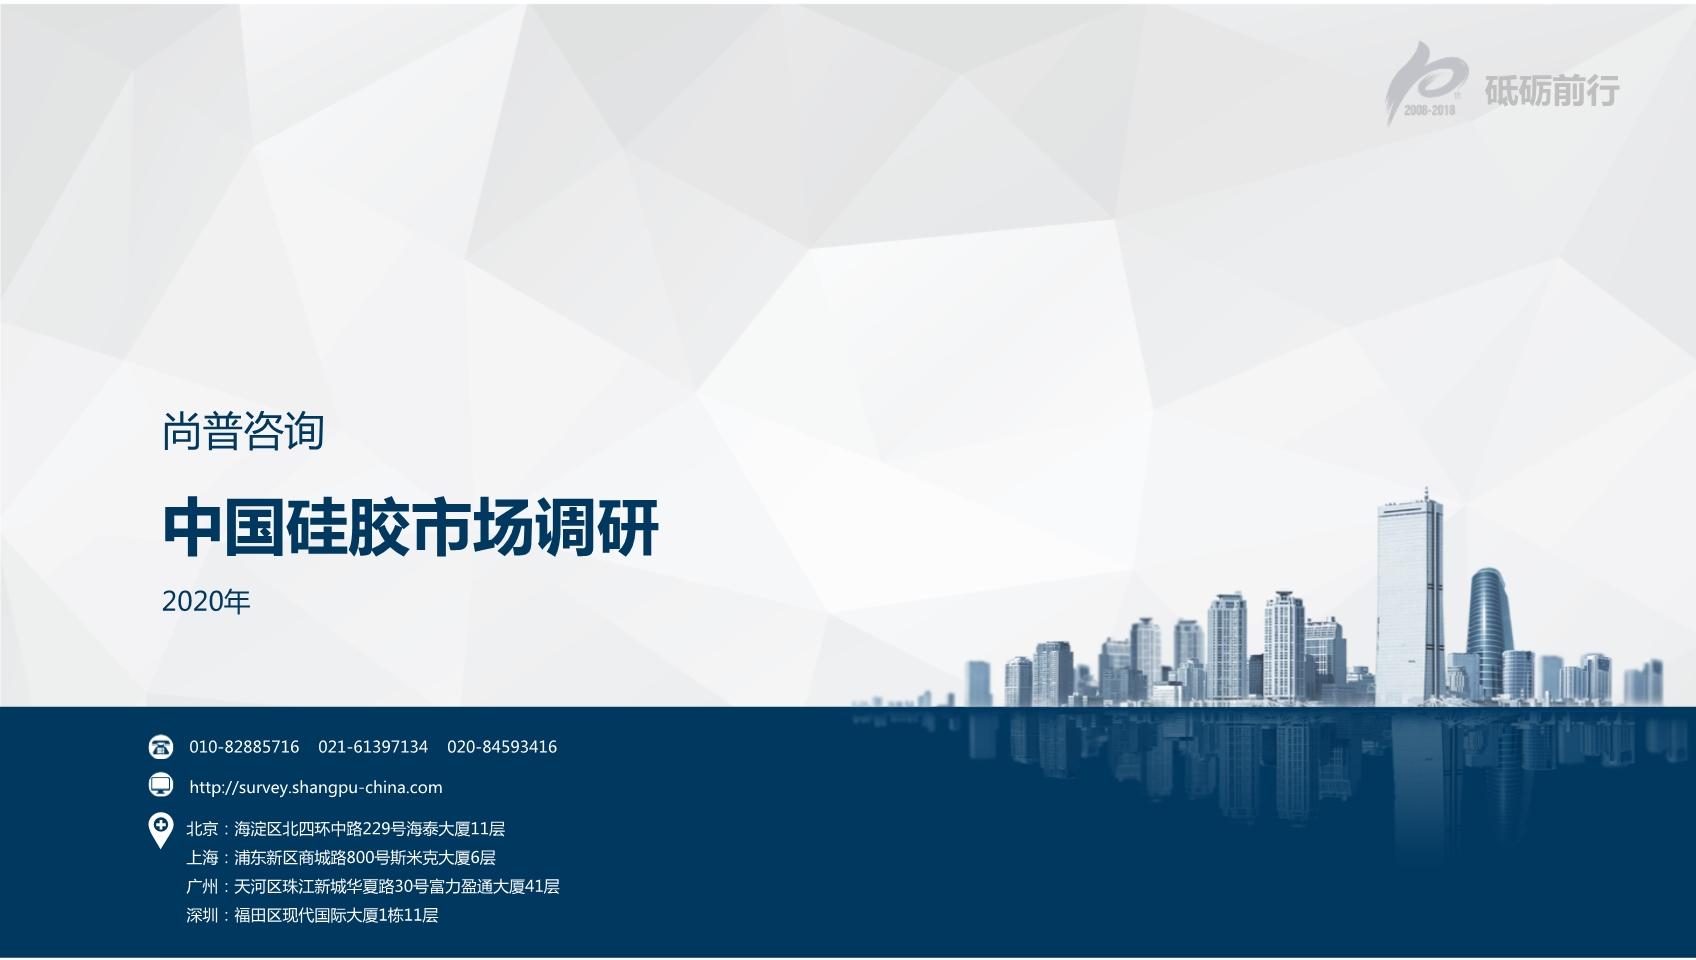 尚普咨询:2020年中国硅胶市场调研